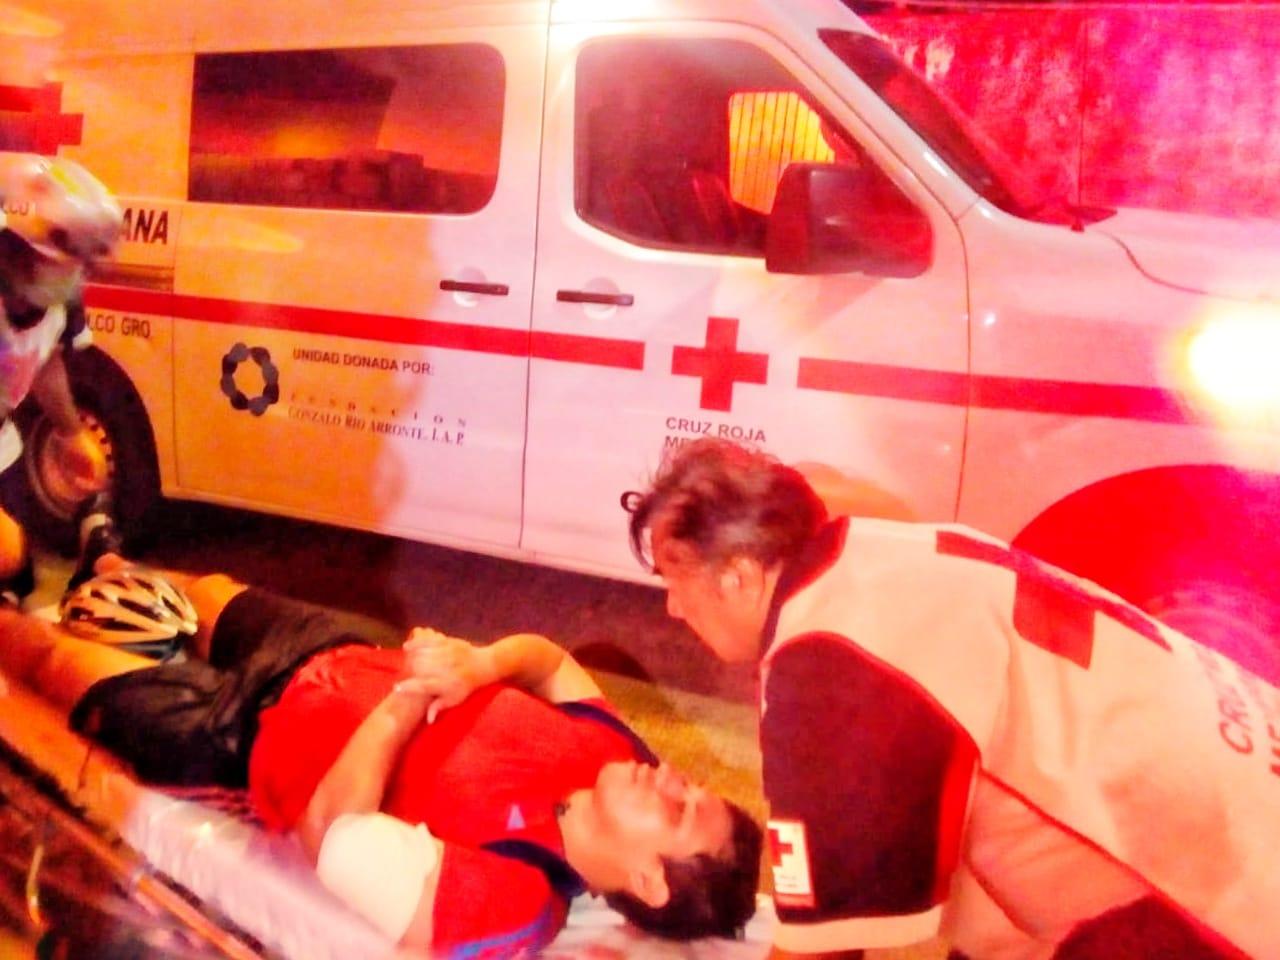 Hieren a un hombre que se resistió a un asalto, en Acapulco